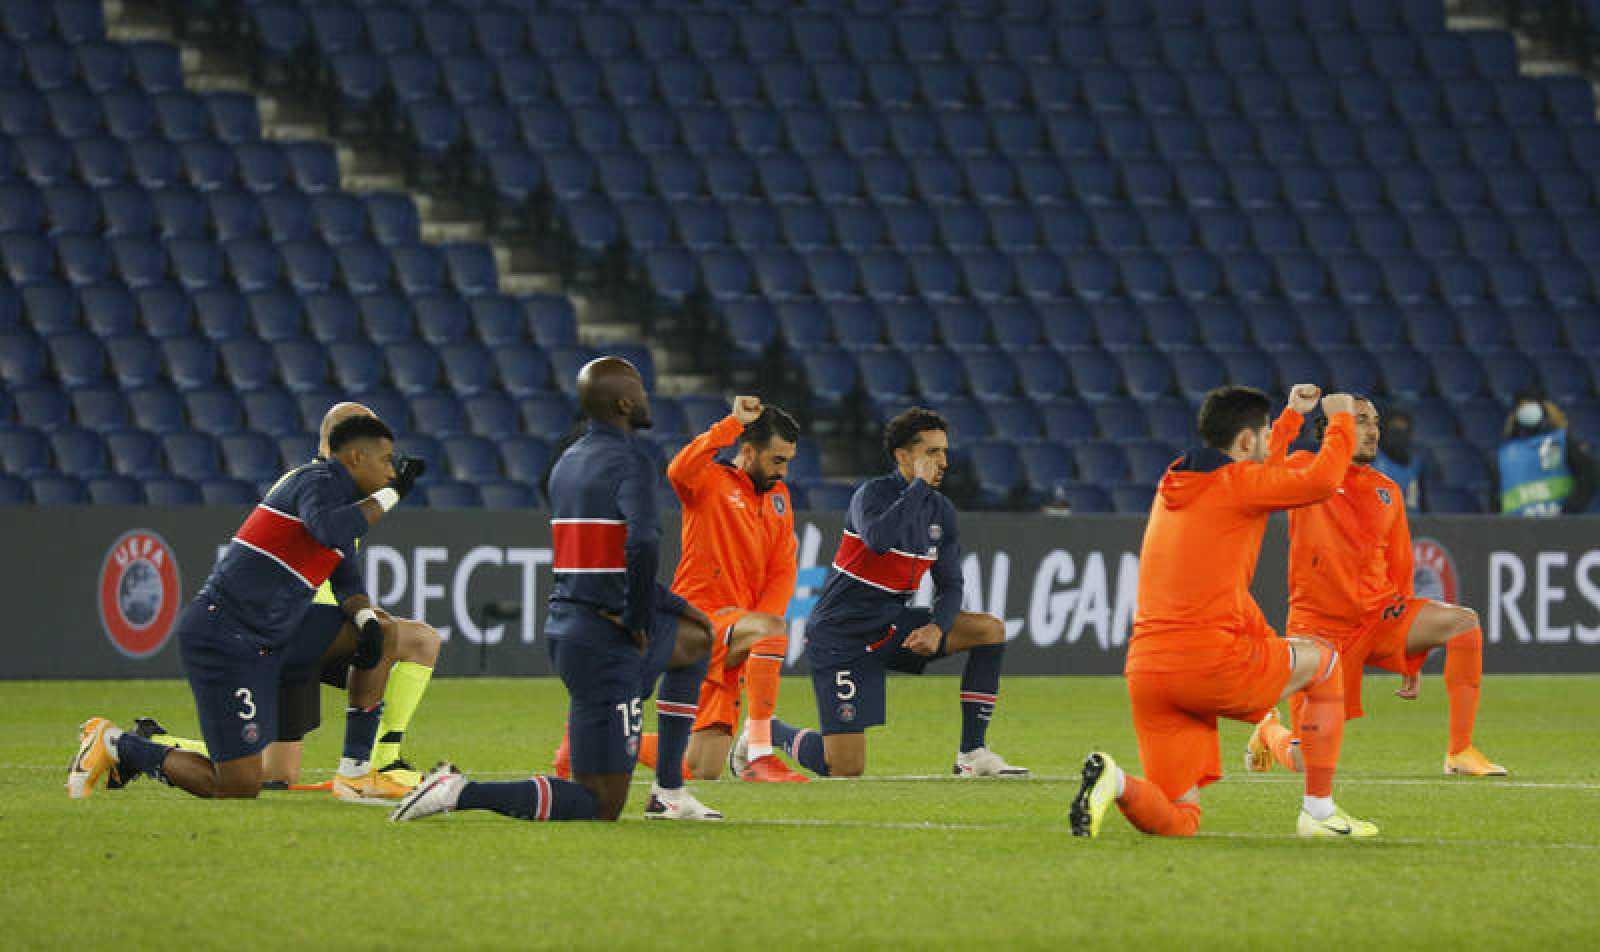 Futbolistas del PSG y del Basaksehir Estambul, arrodillados antes del reinicio del partido